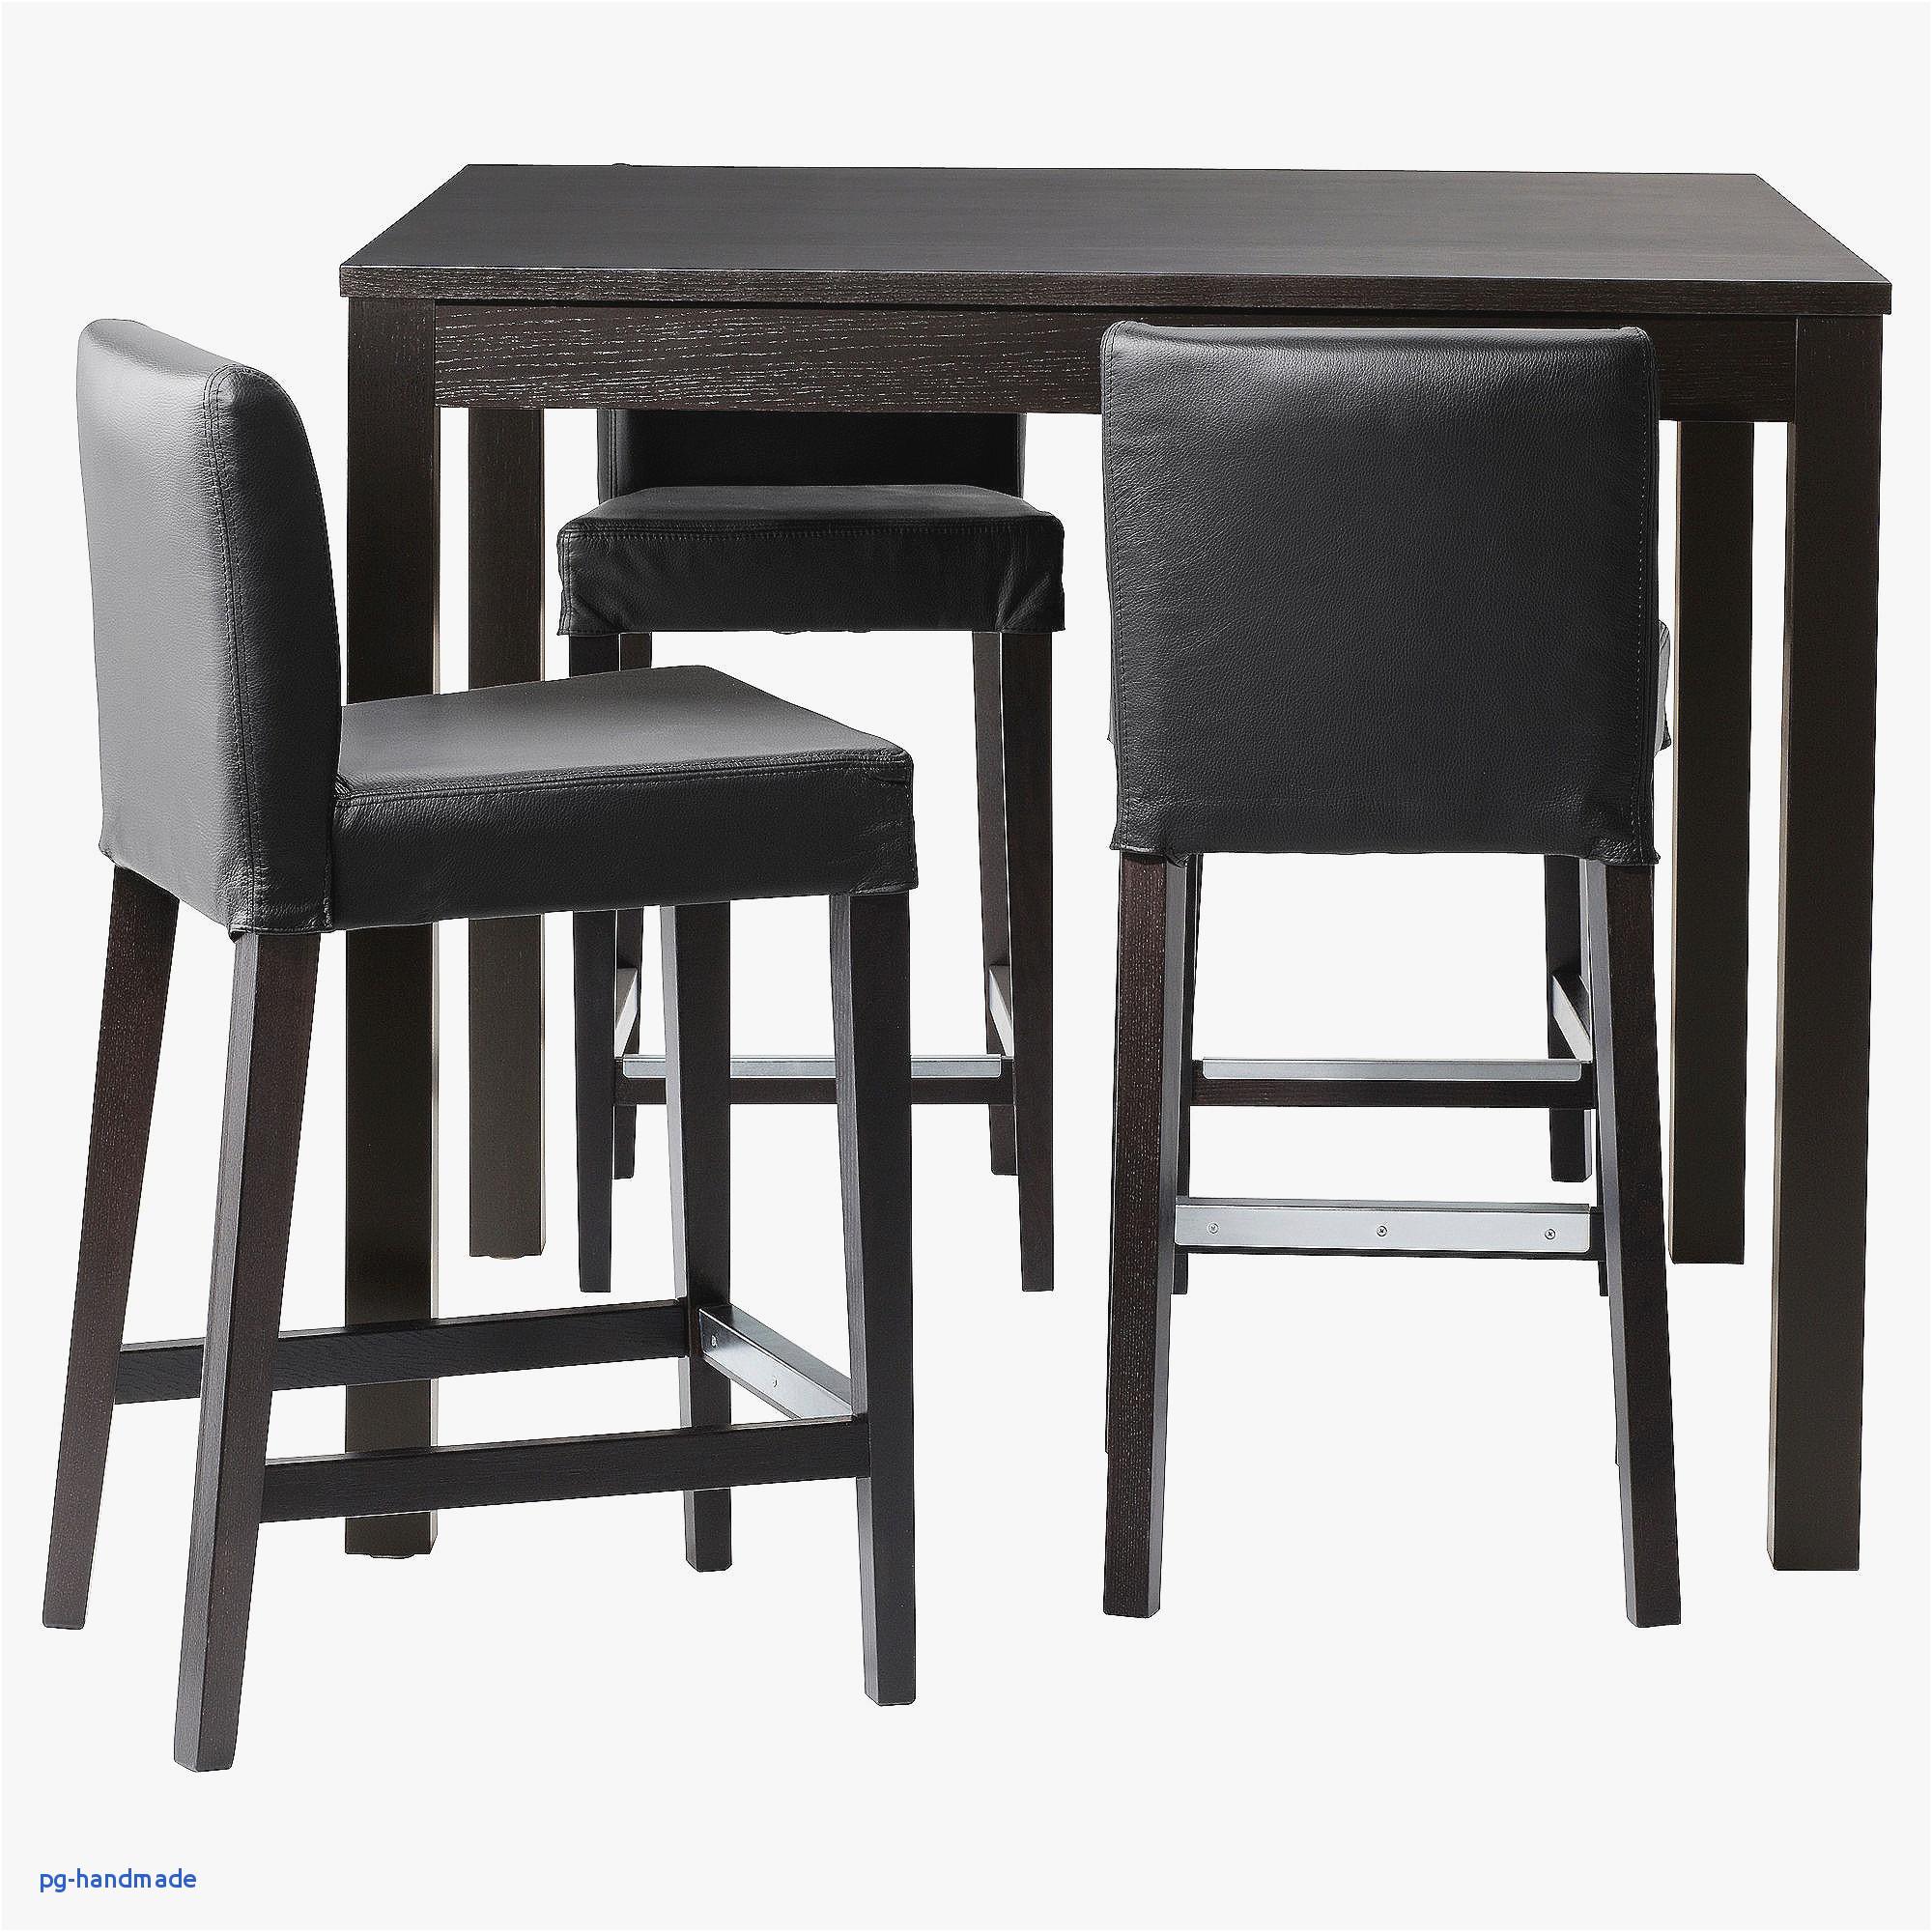 Table haute de cuisine avec tabouret ikea lille menage Table haute avec tabouret pour cuisine